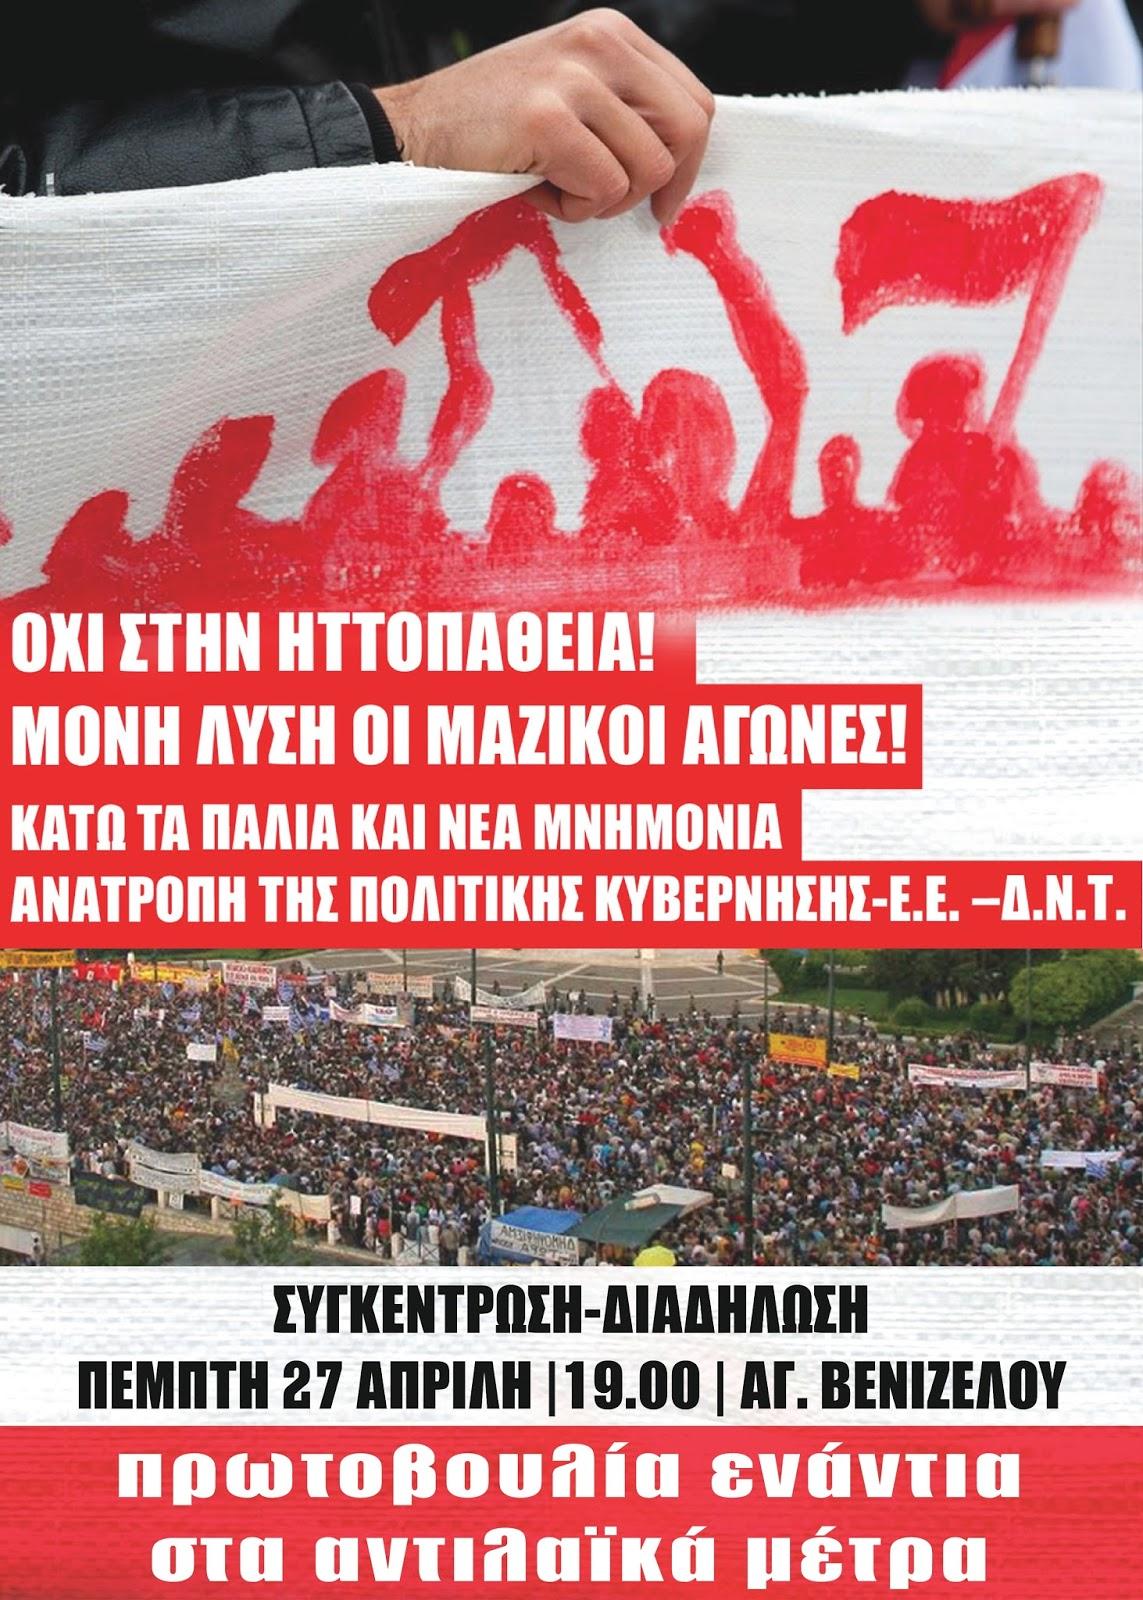 ΘΕΣΣΑΛΟΝΙΚΗ -ΑΓ.ΒΕΝΙΖΕΛΟΥ